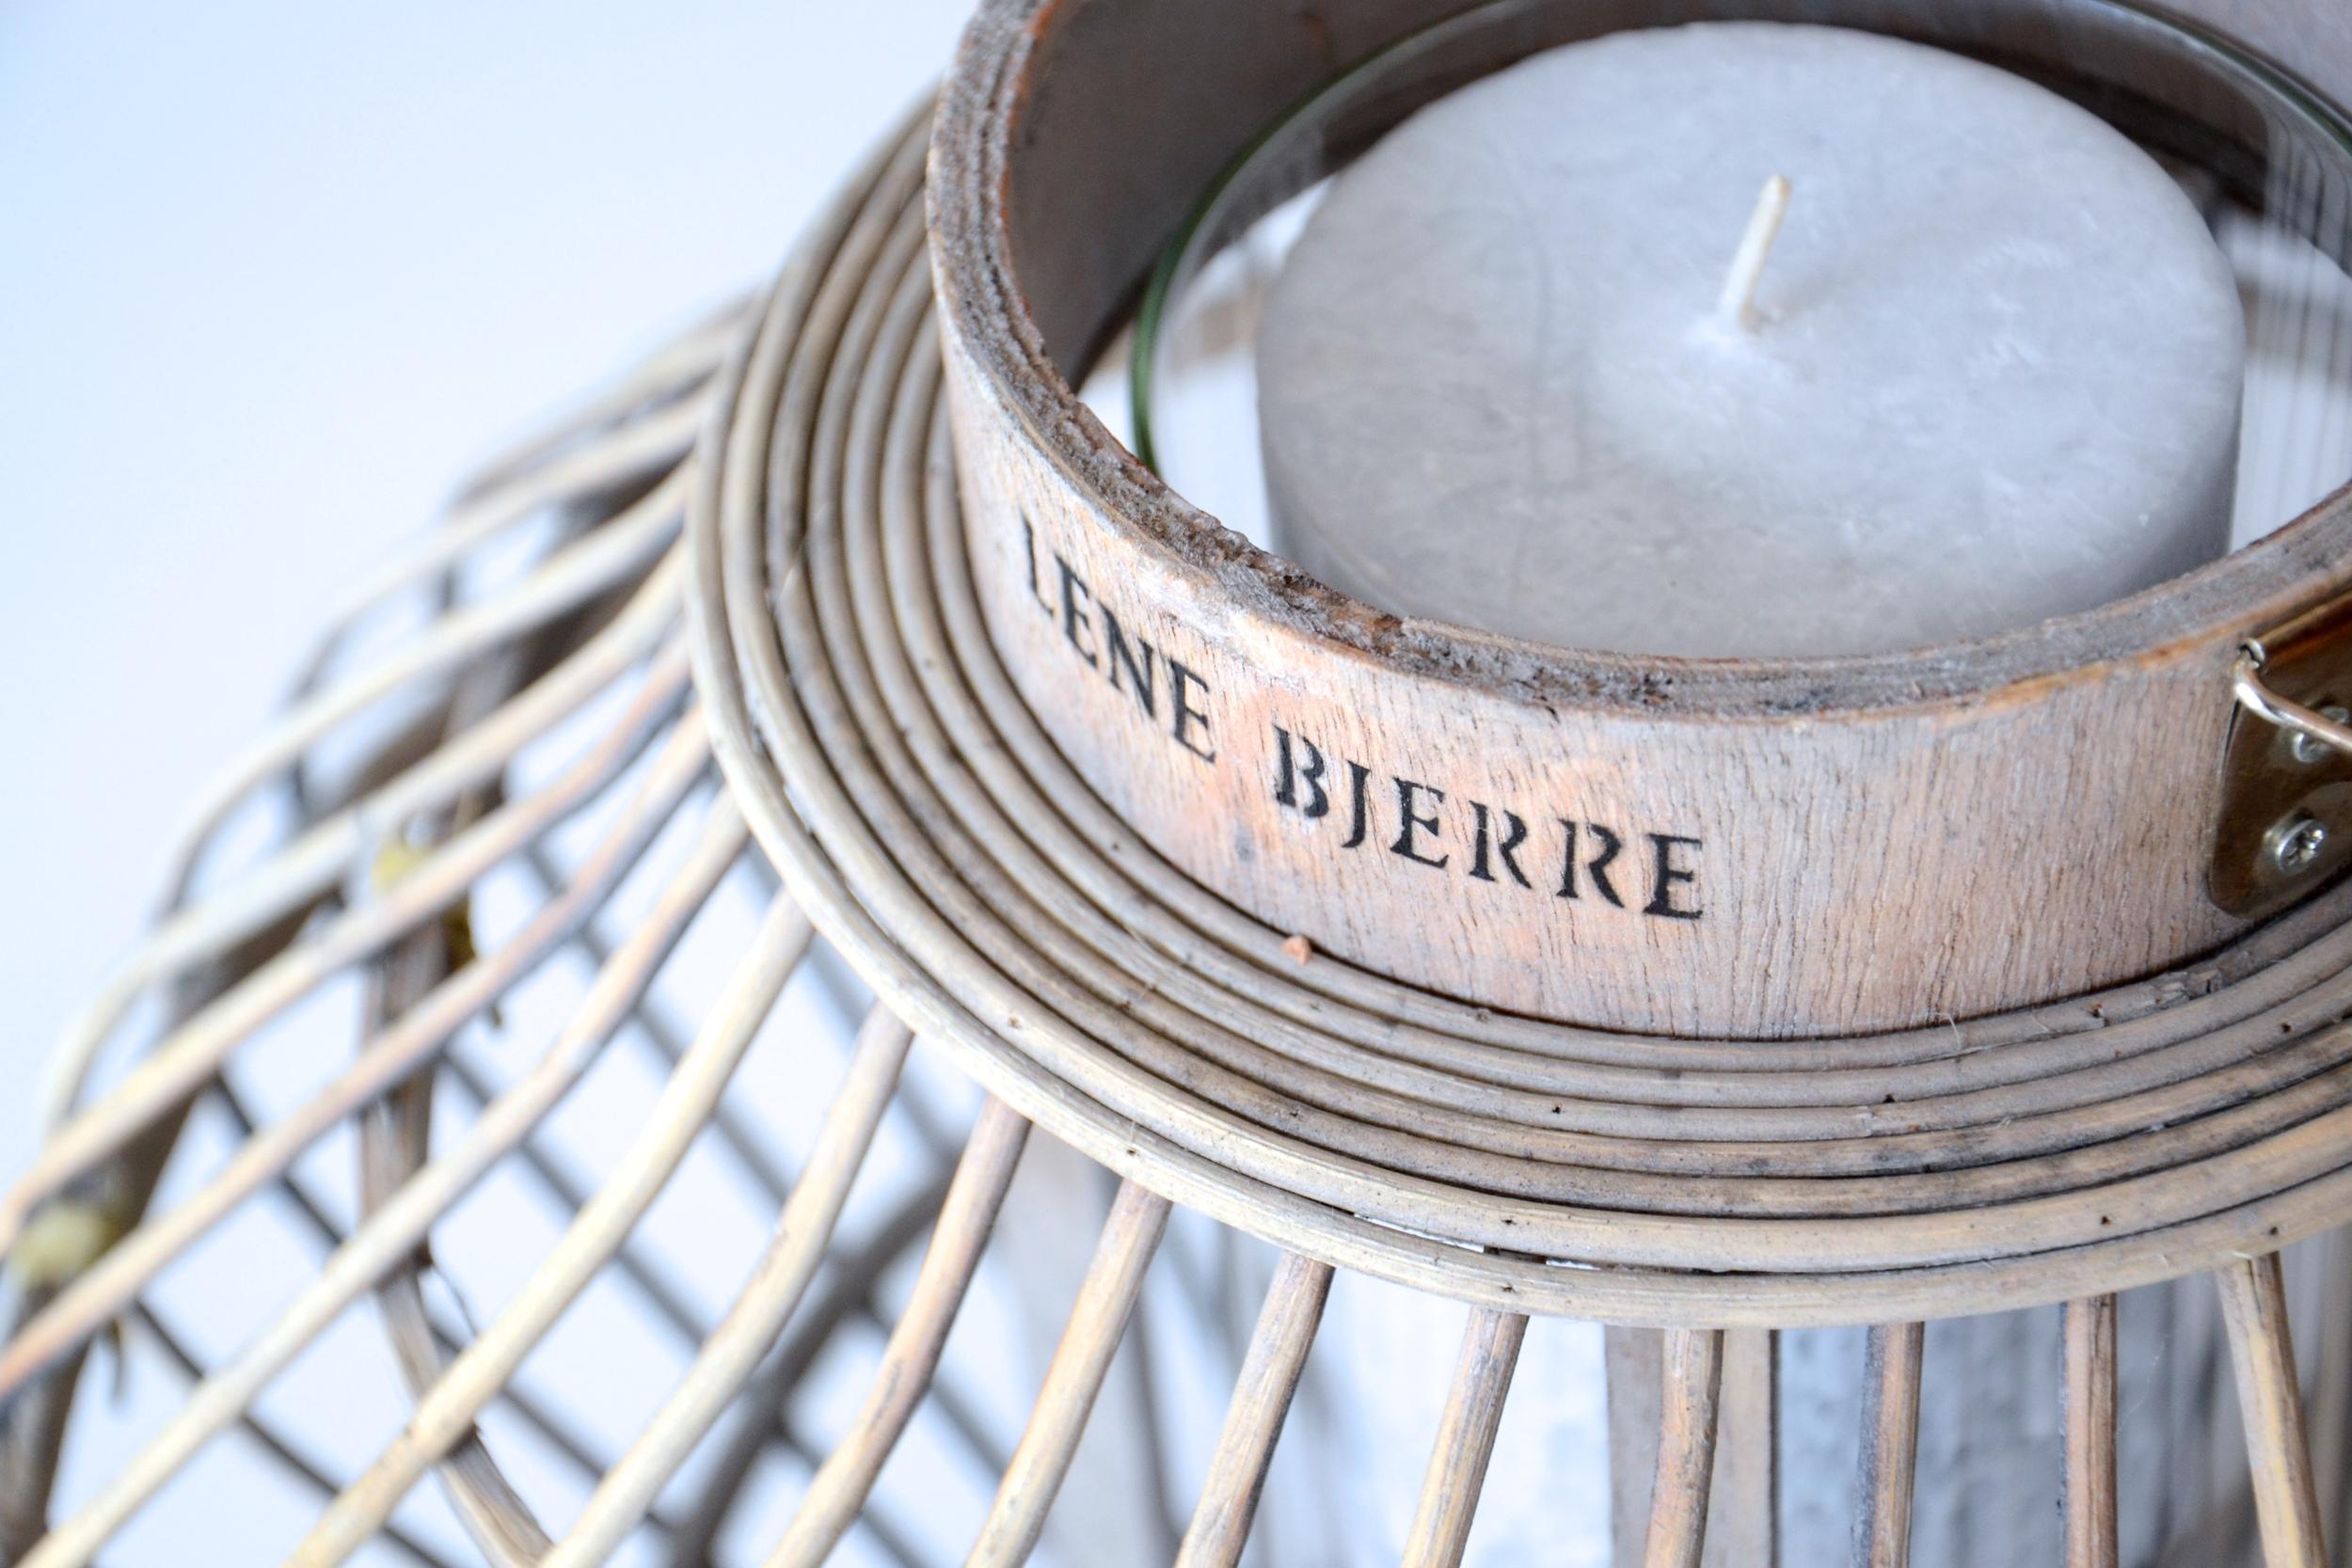 lene-bjerre-candles-2.jpg